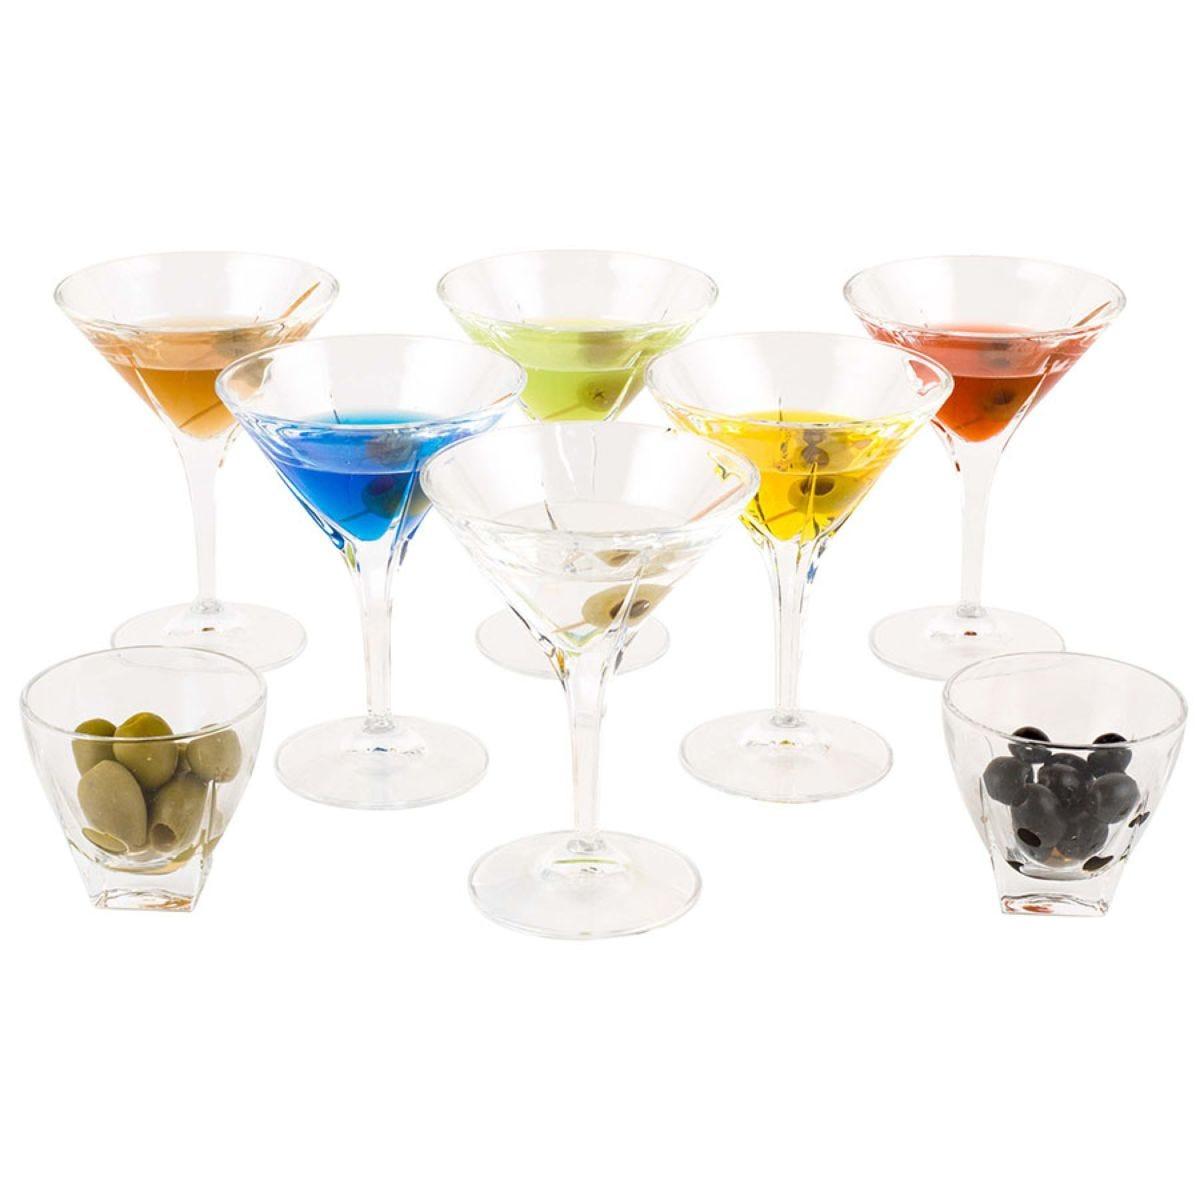 RCR Fusion Martini Glasses and Bowls Set